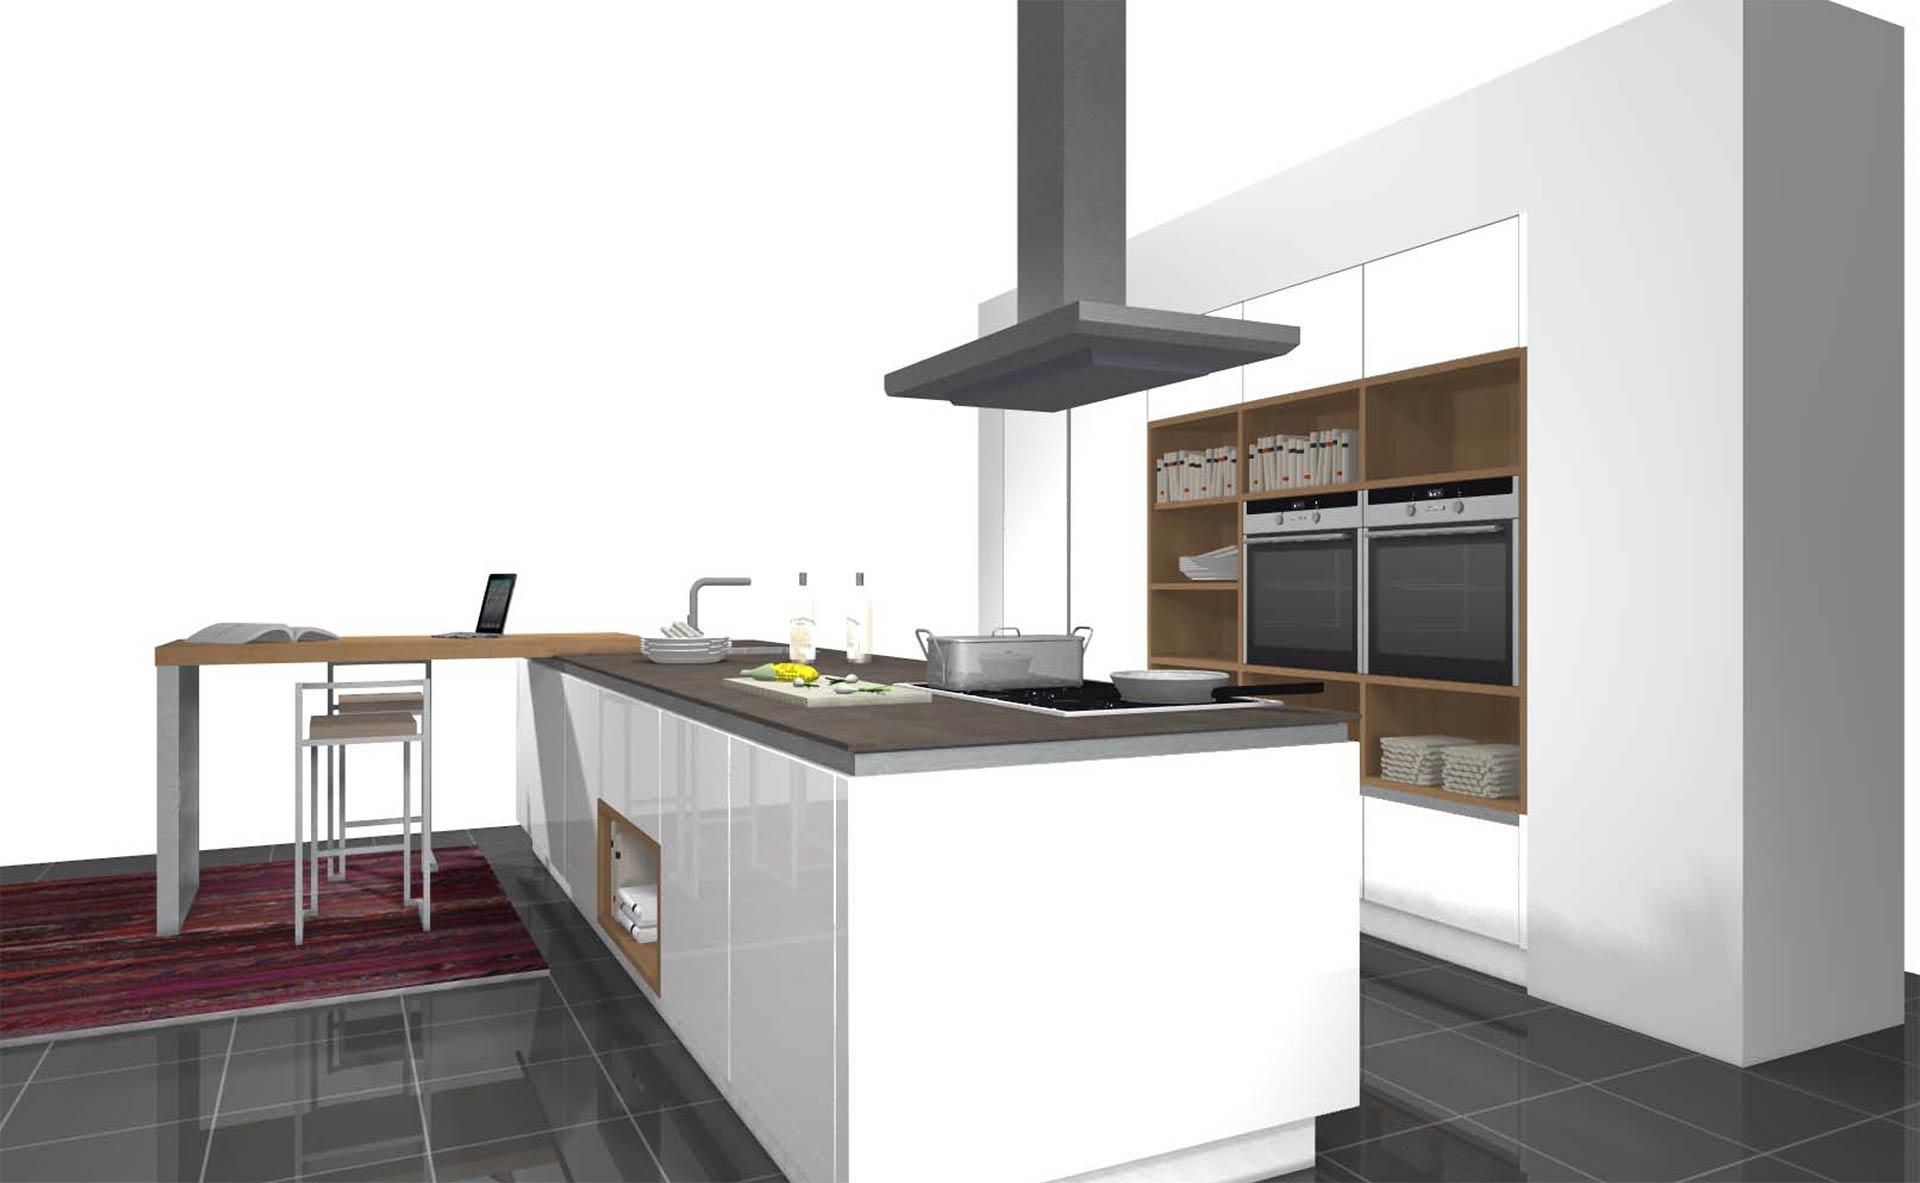 kchen chemnitz great kchen joppe meilleur de chemnitz kchen excellent entzckend gebrauchte. Black Bedroom Furniture Sets. Home Design Ideas